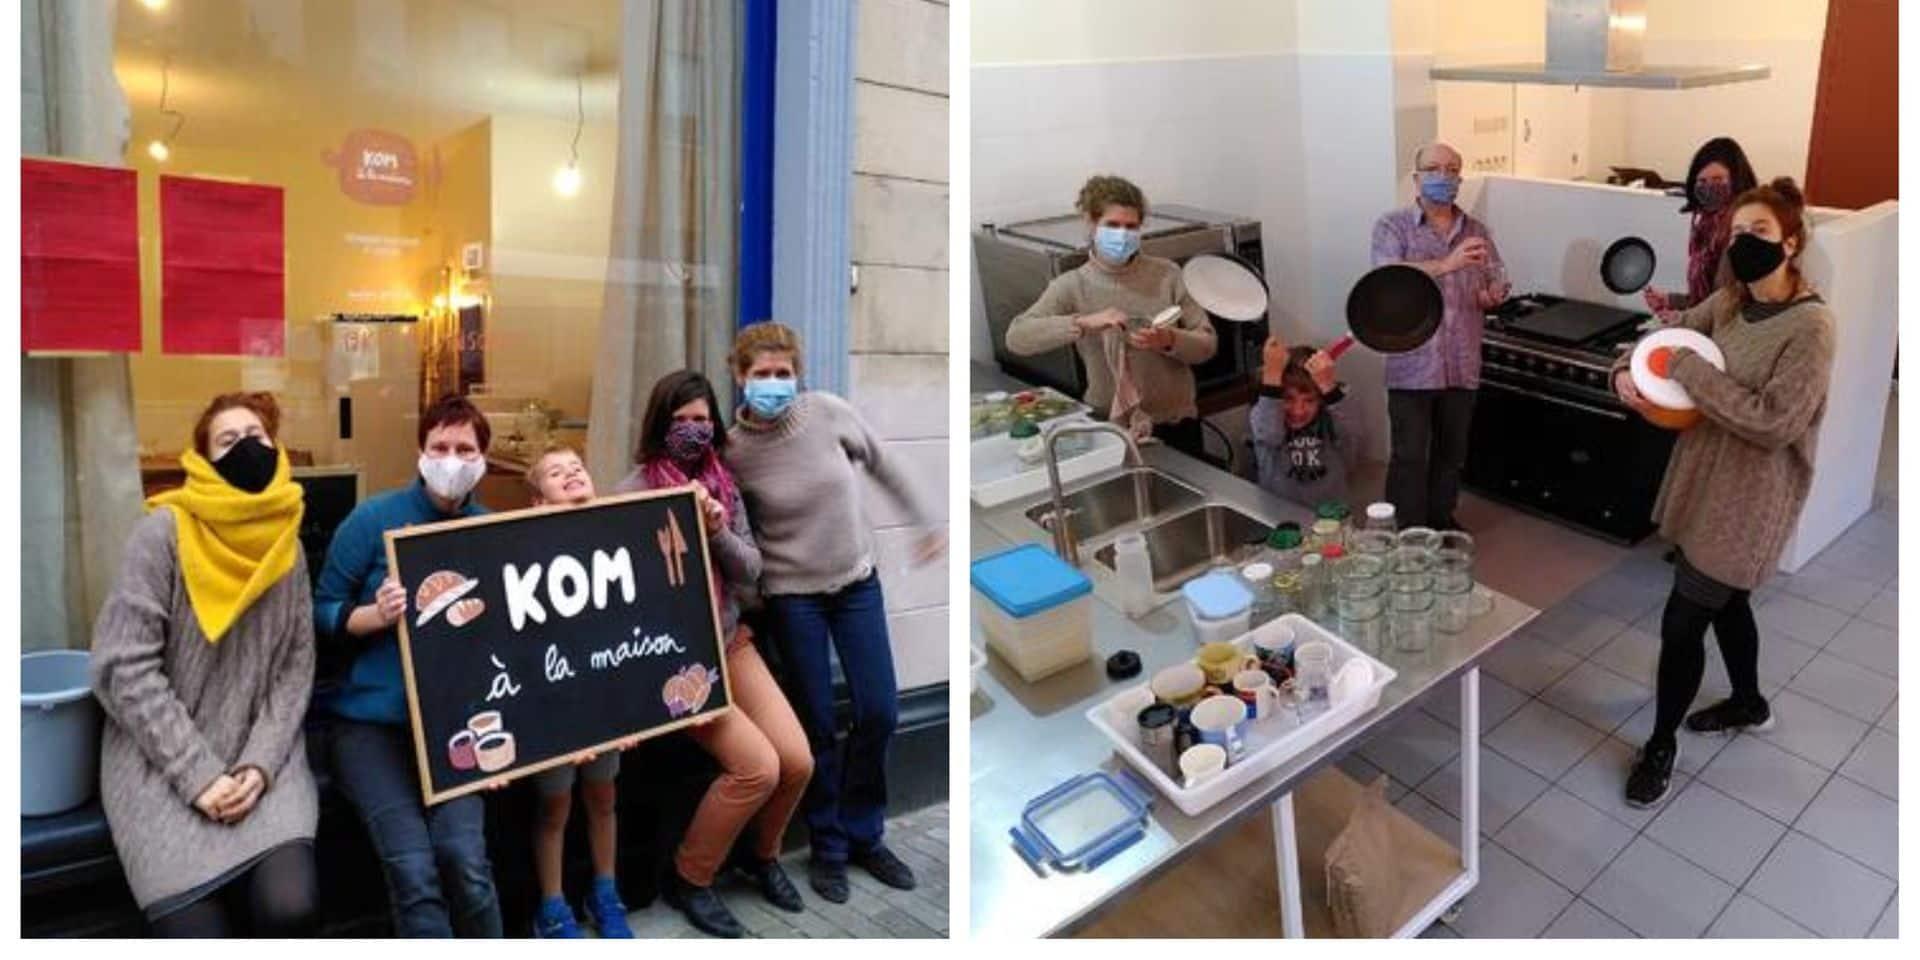 Kom à la maison ouvre ses portes à Etterbeek